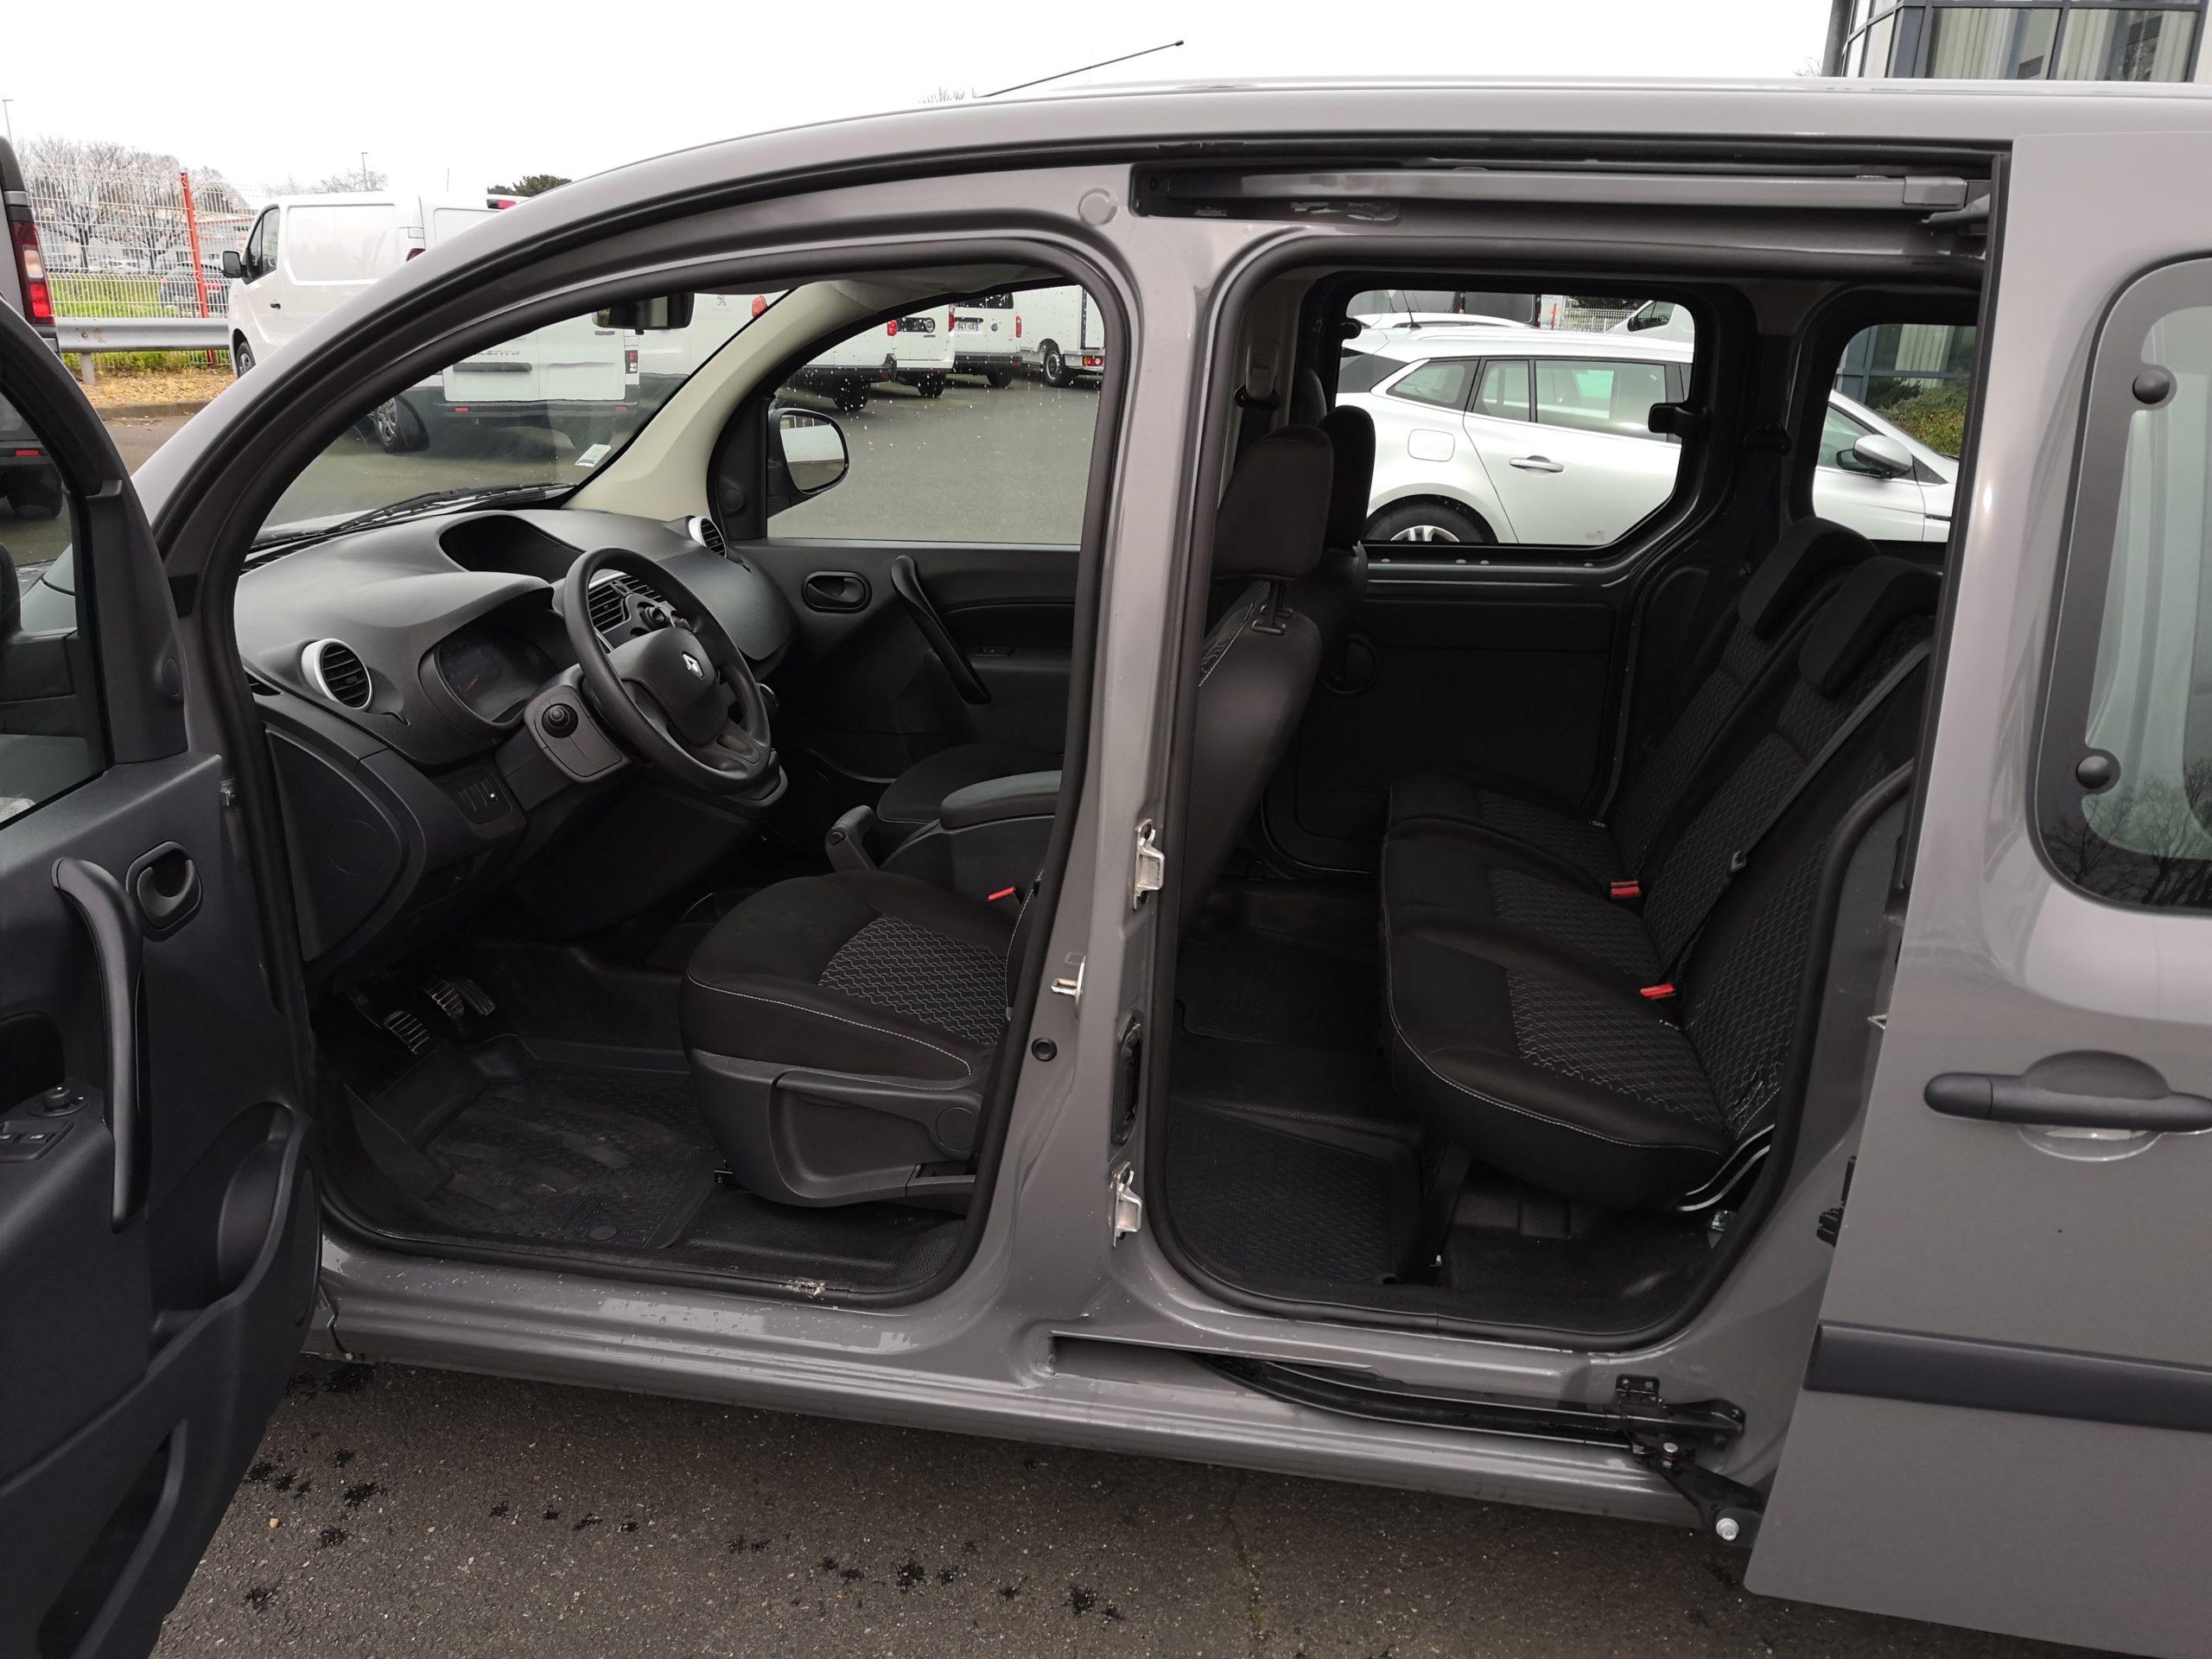 Location d'un utilitaire fourgonnette double cabine - Renault Kangoo -Vue3